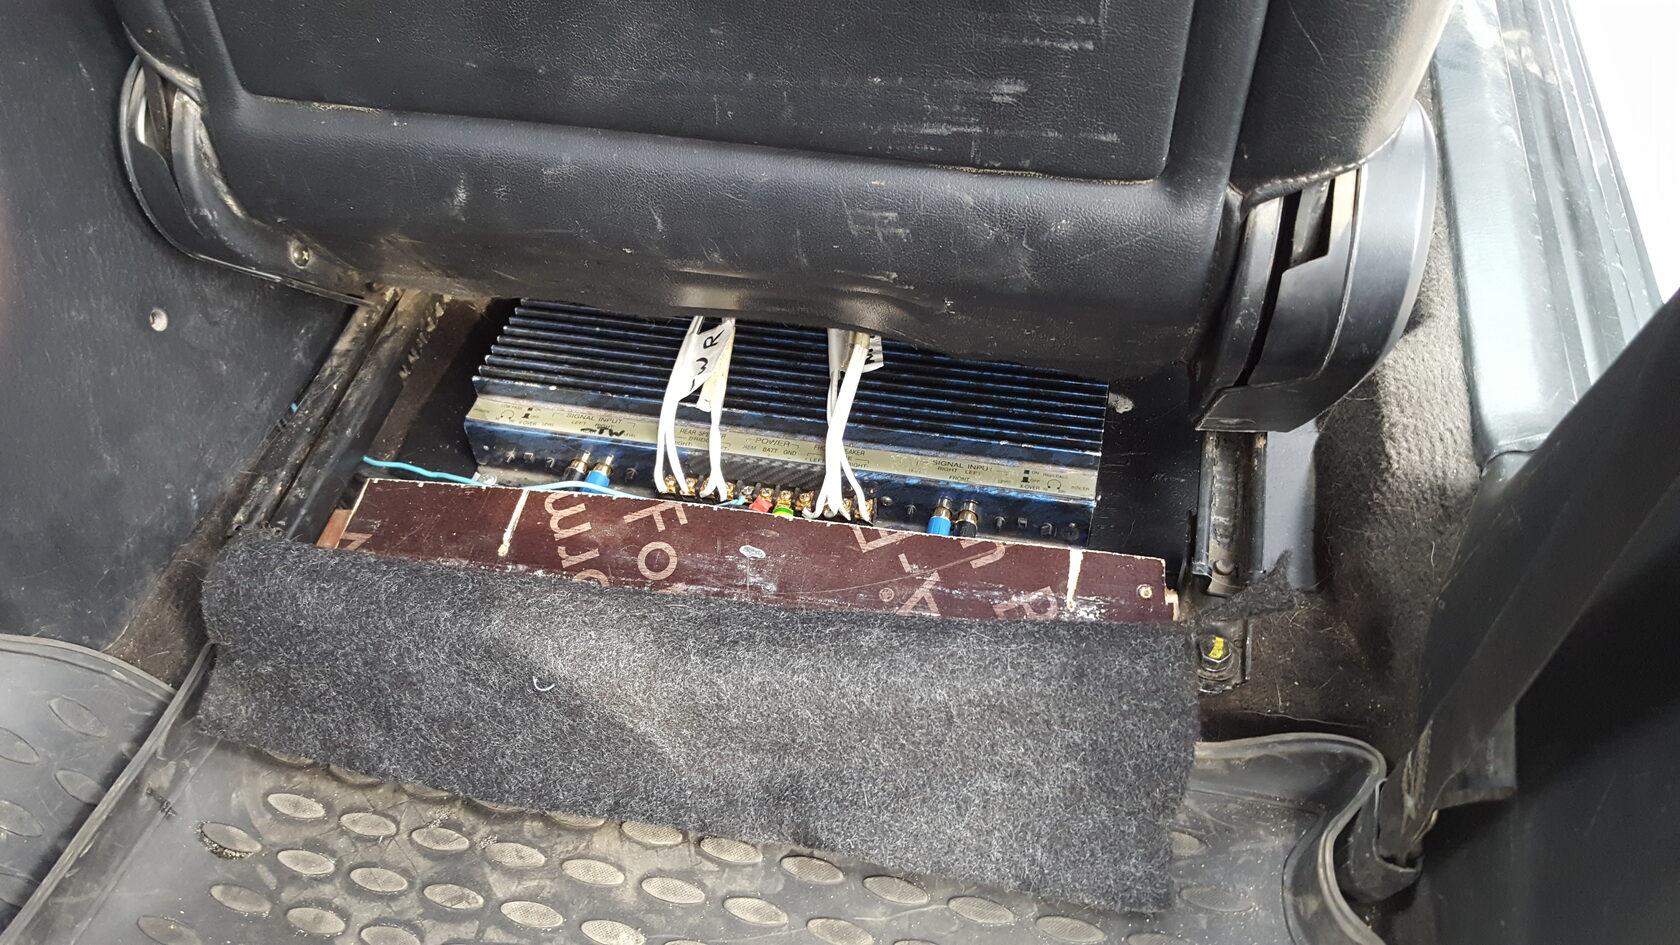 усилитель poweramper под сиденьем hyundai sonata 3